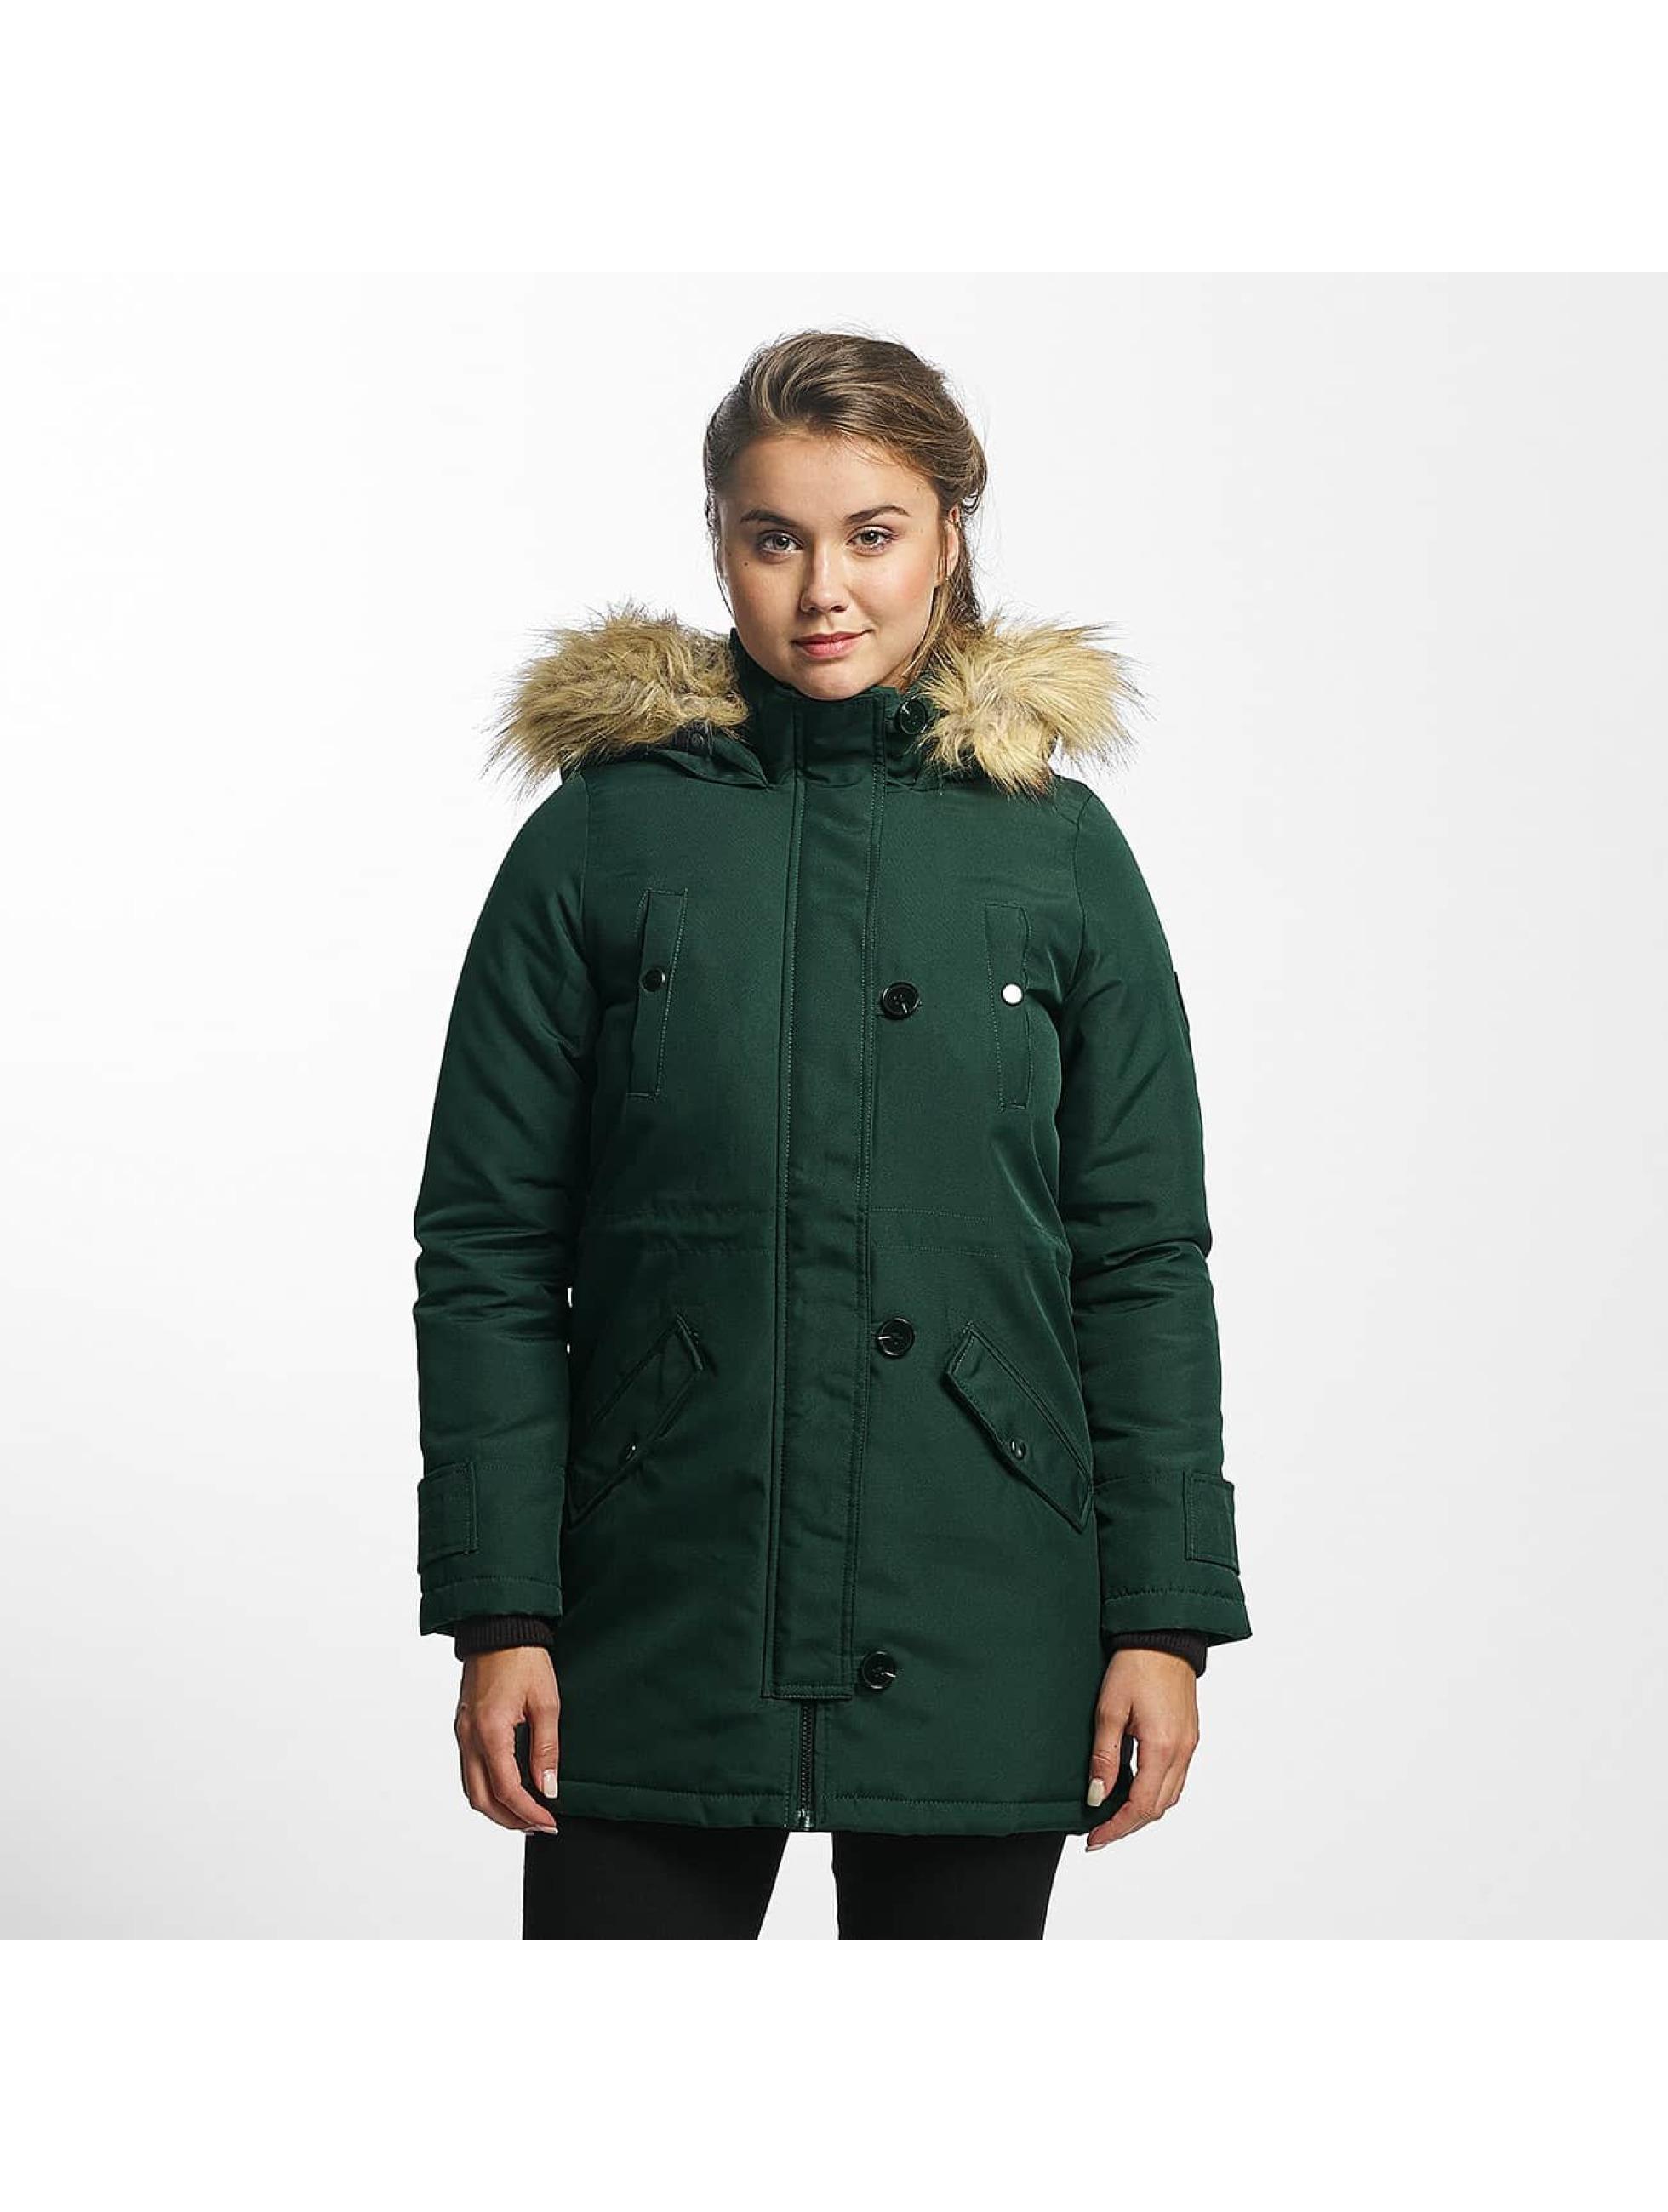 Vero Moda Frauen Winterjacke vmExcursion Expedition 3/4 in grün